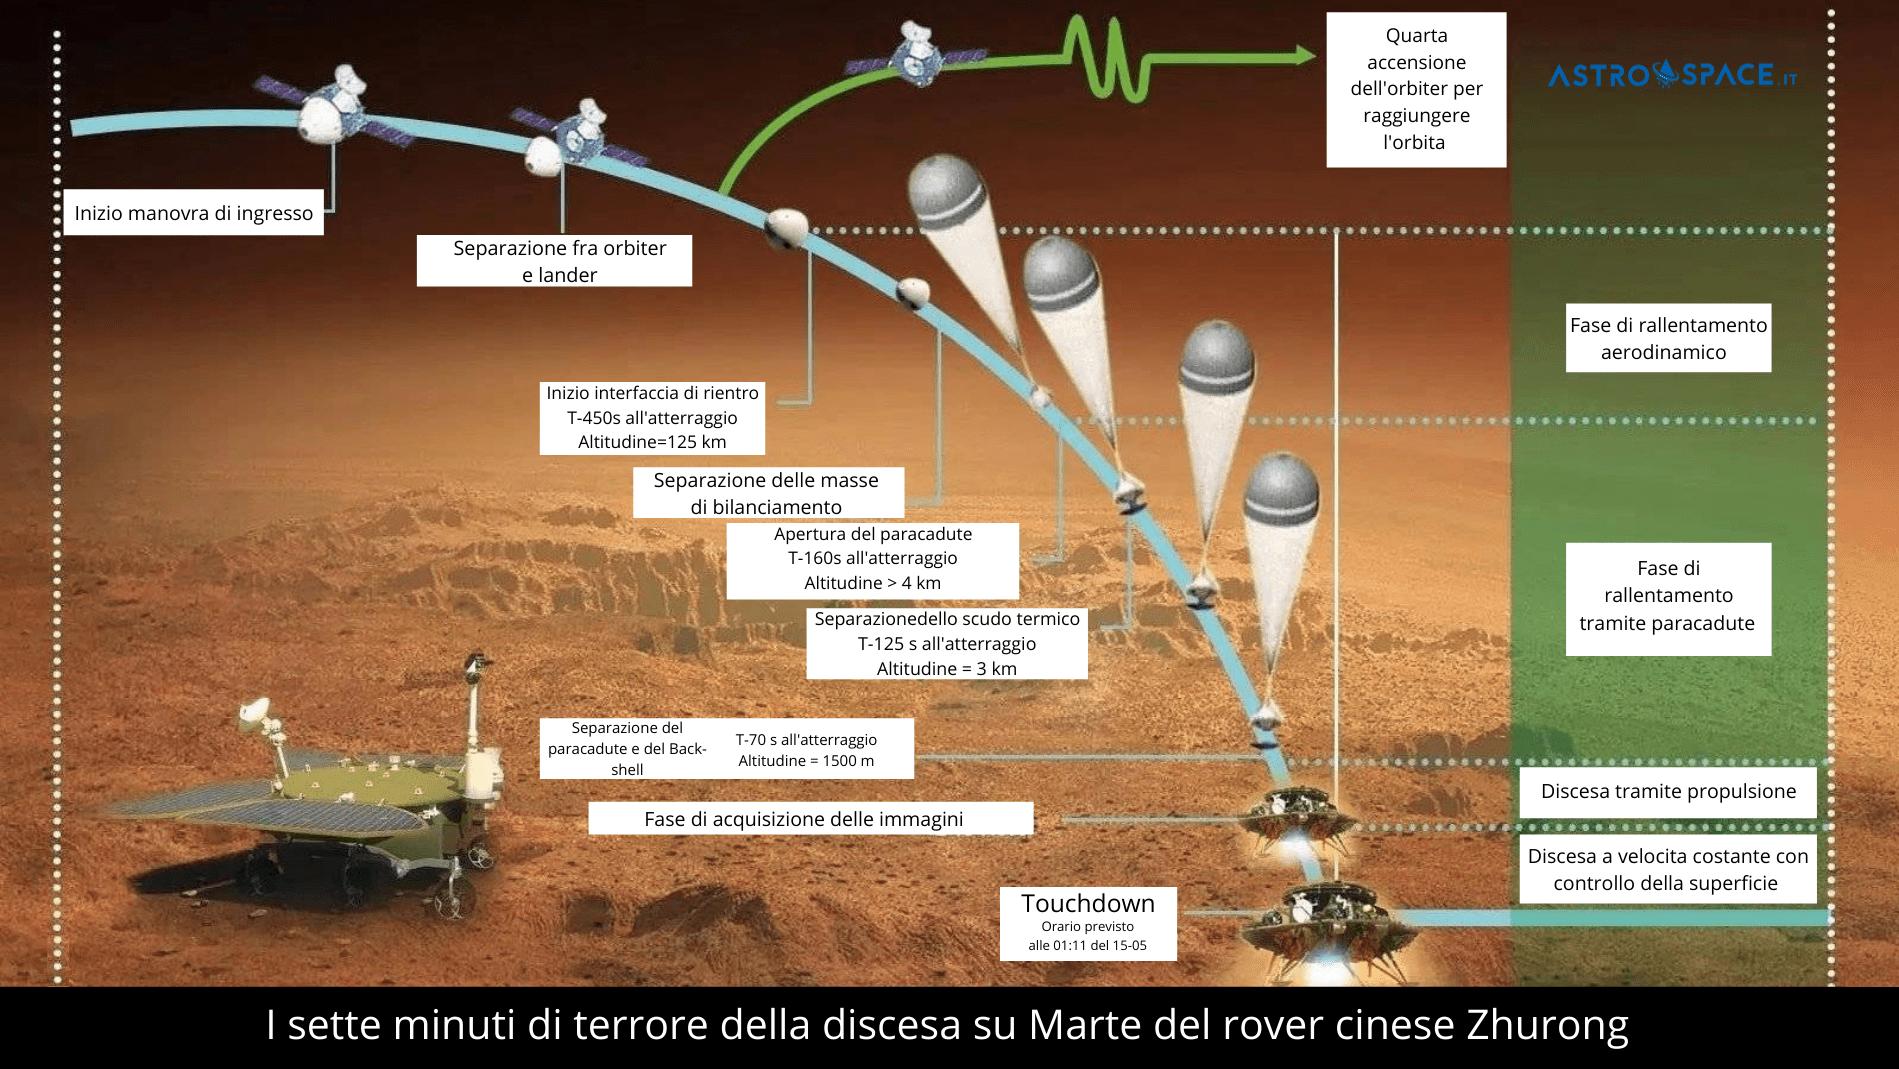 La timeline dei sette minuti di terrore della discesa di Zhurong su Marte. Credits: CNSA-Astrospace.it